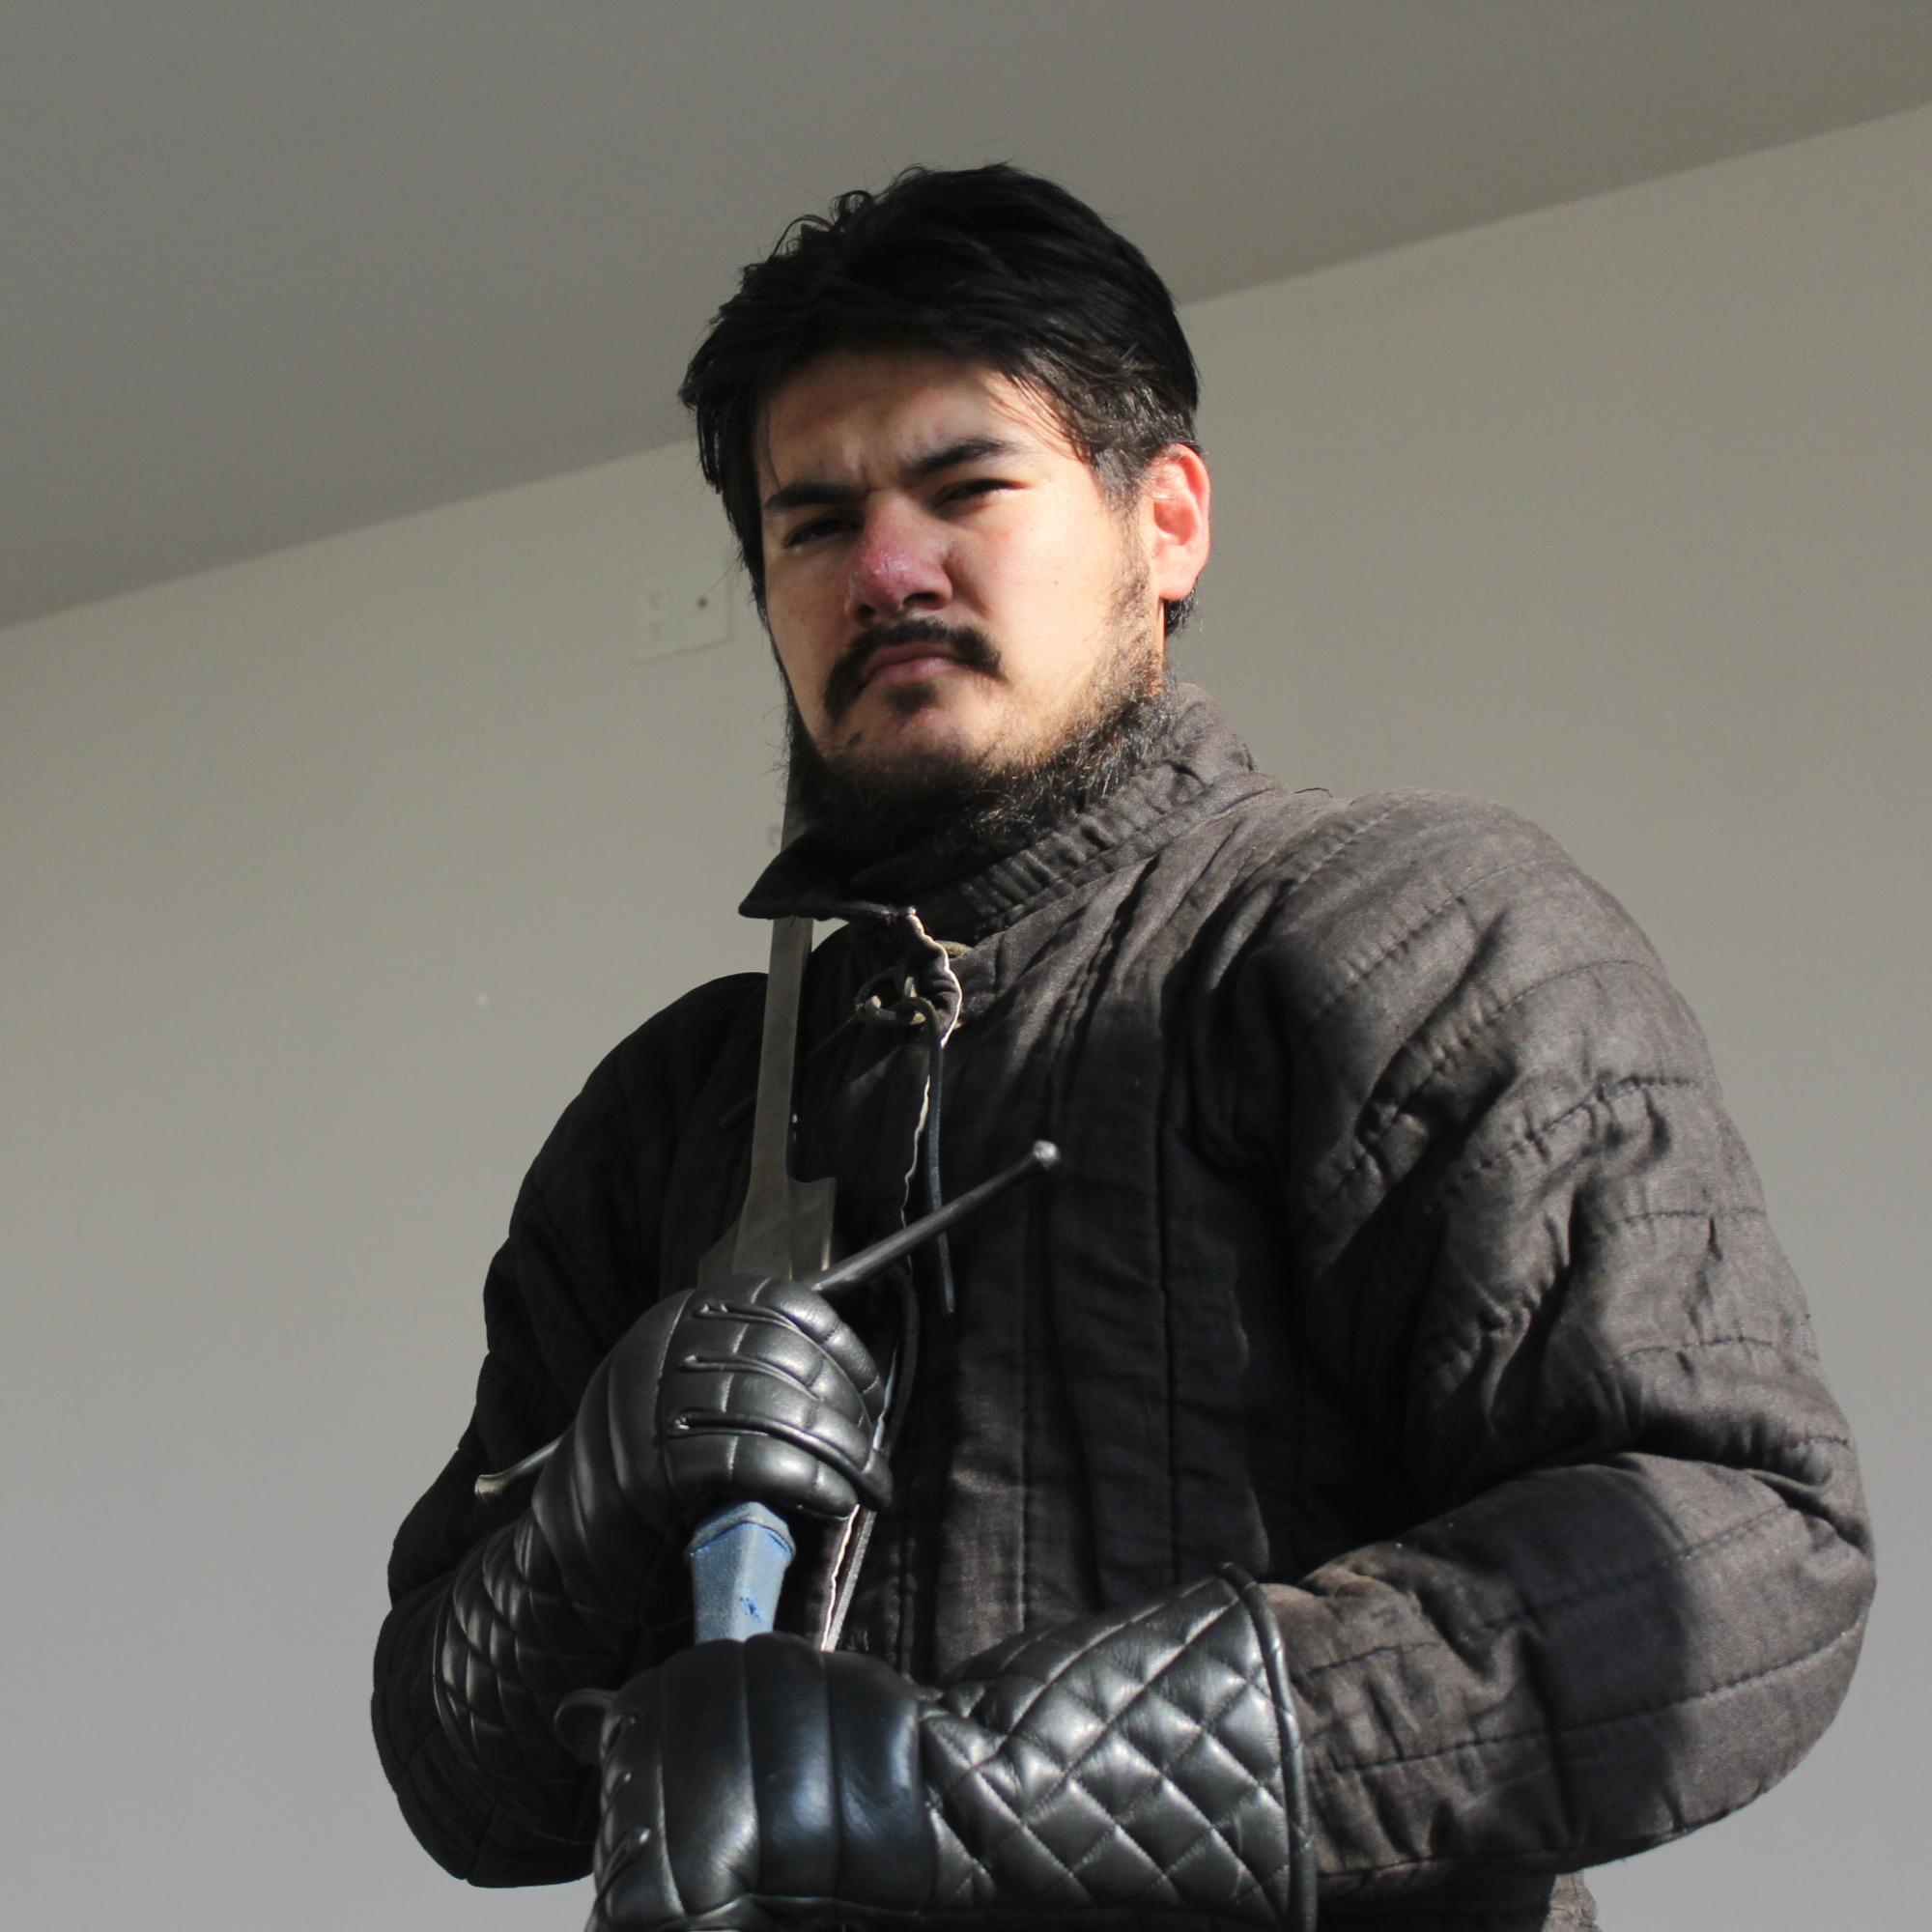 Arturo Camargo